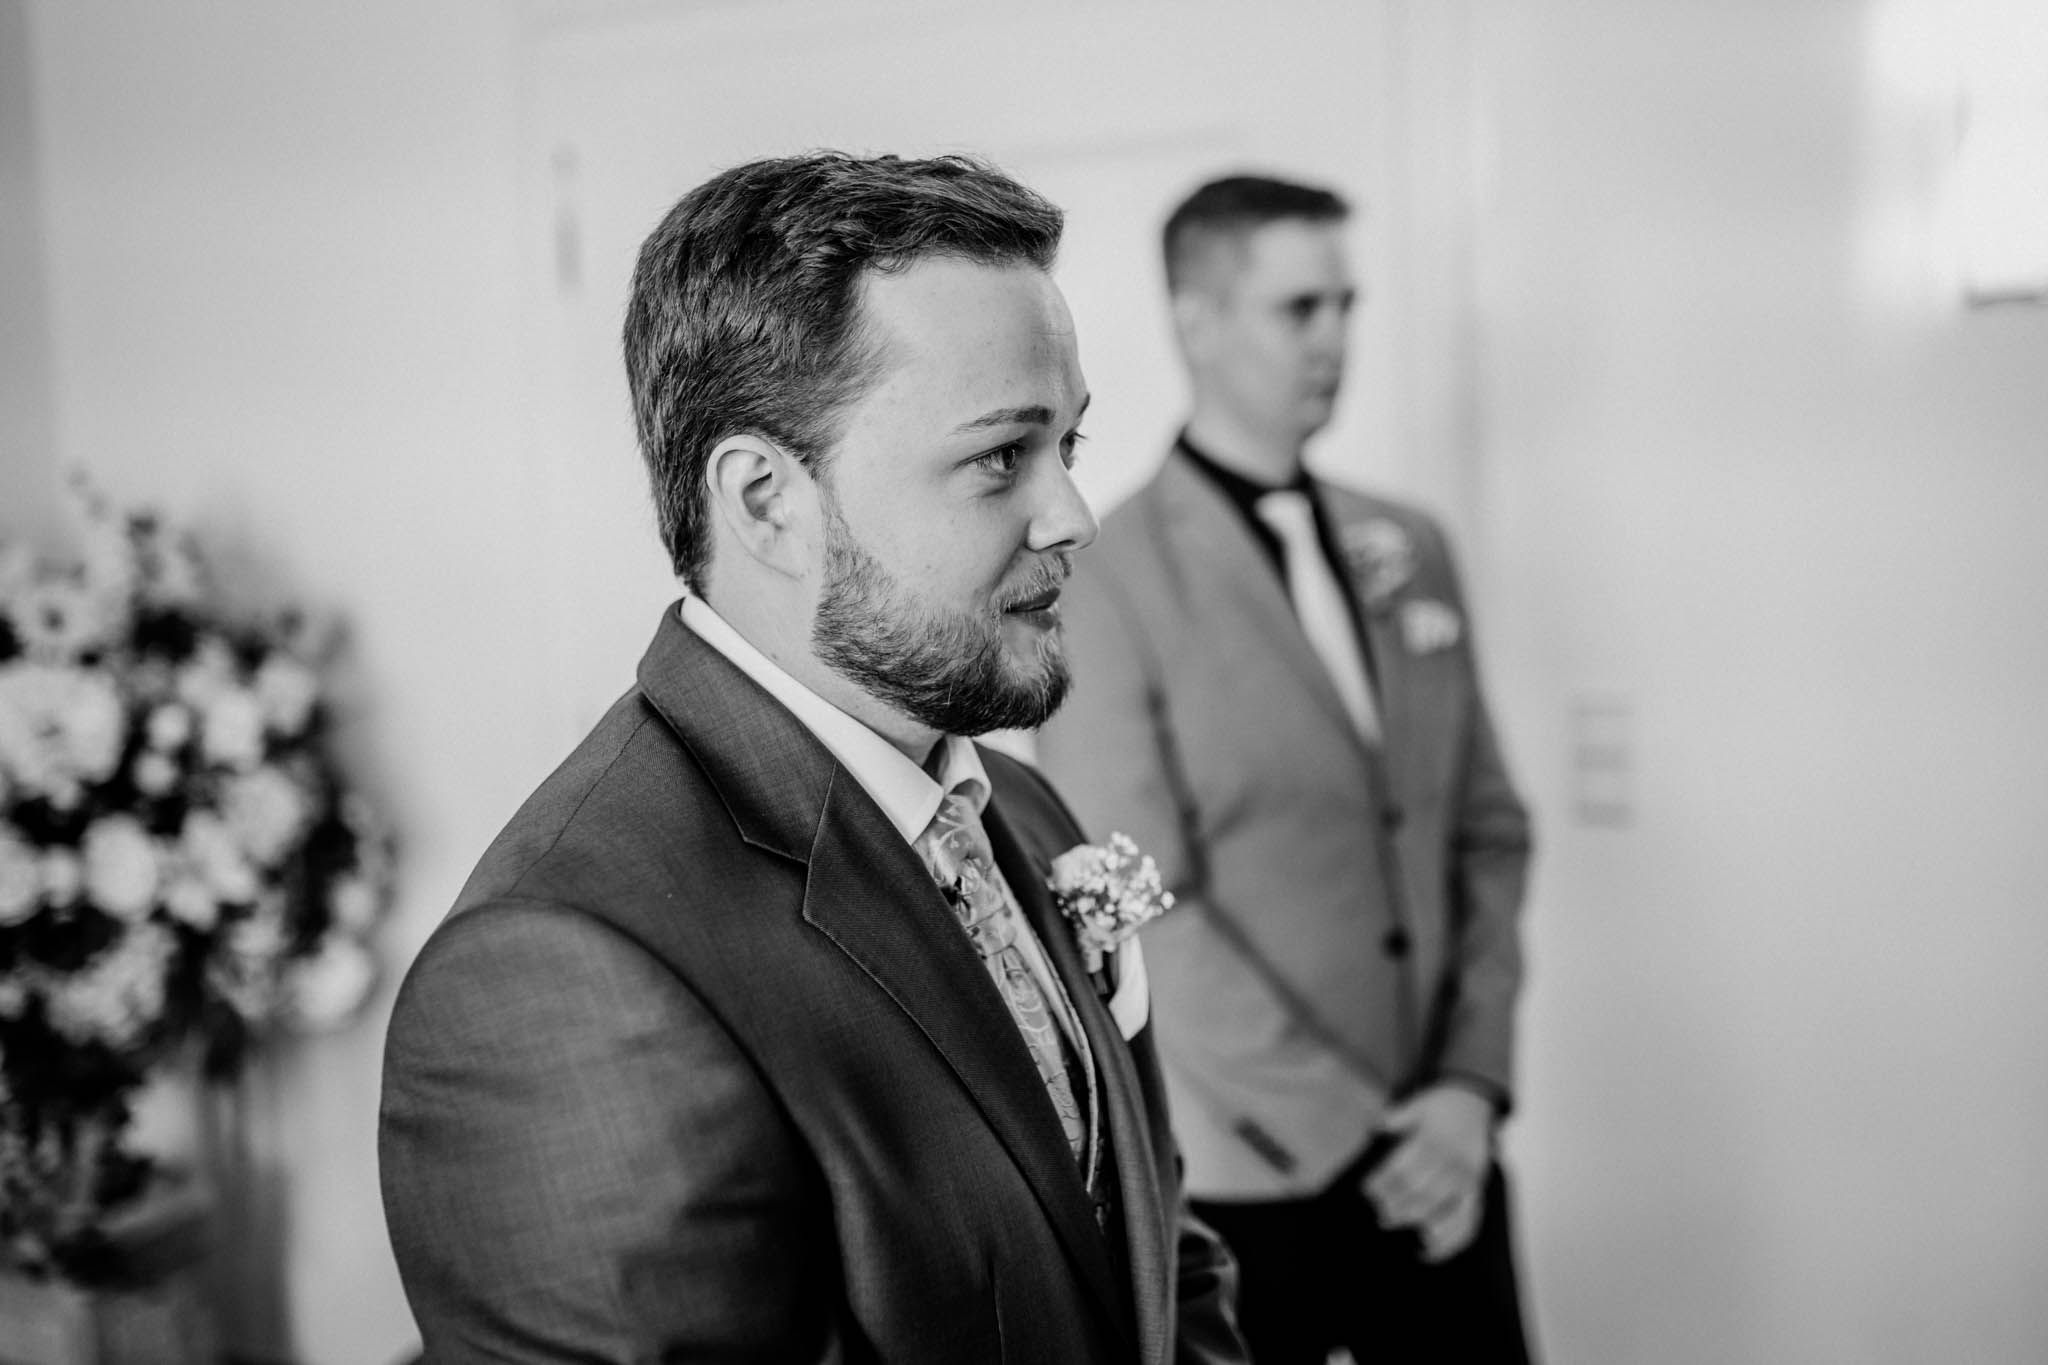 Hochzeitsfieber by Photo-Schomburg, Hochzeitsfotograf, Hamburg, Altona, wedding, Standesamt Altona, Appen, Hochzeitsshooting, Hochzeitstag, Brautpaar-40